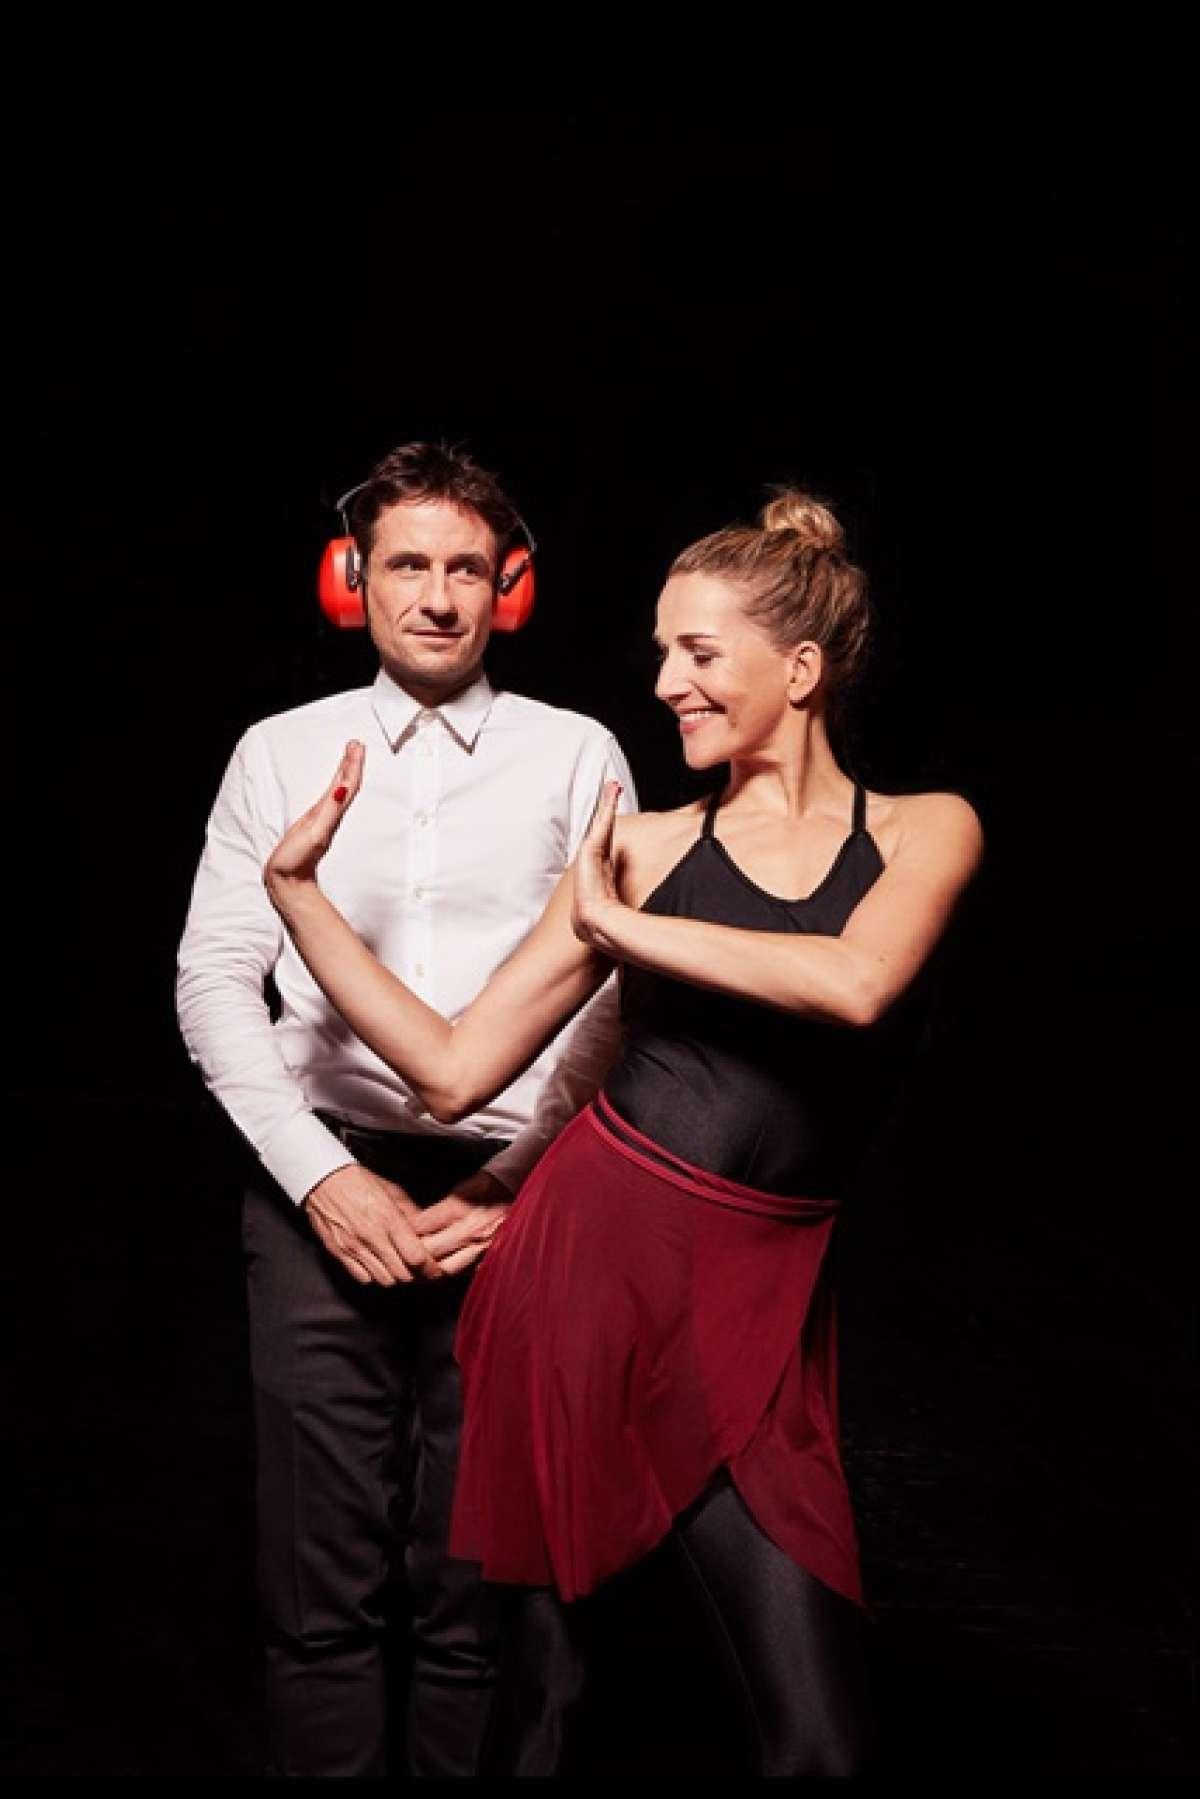 Die Tanzstunde - Komödie von Mark St. Germain, Deutsch von John Birke. Mit Tanja Wedhorn und Oliver Mommsen - Stadthalle  - Beverungen